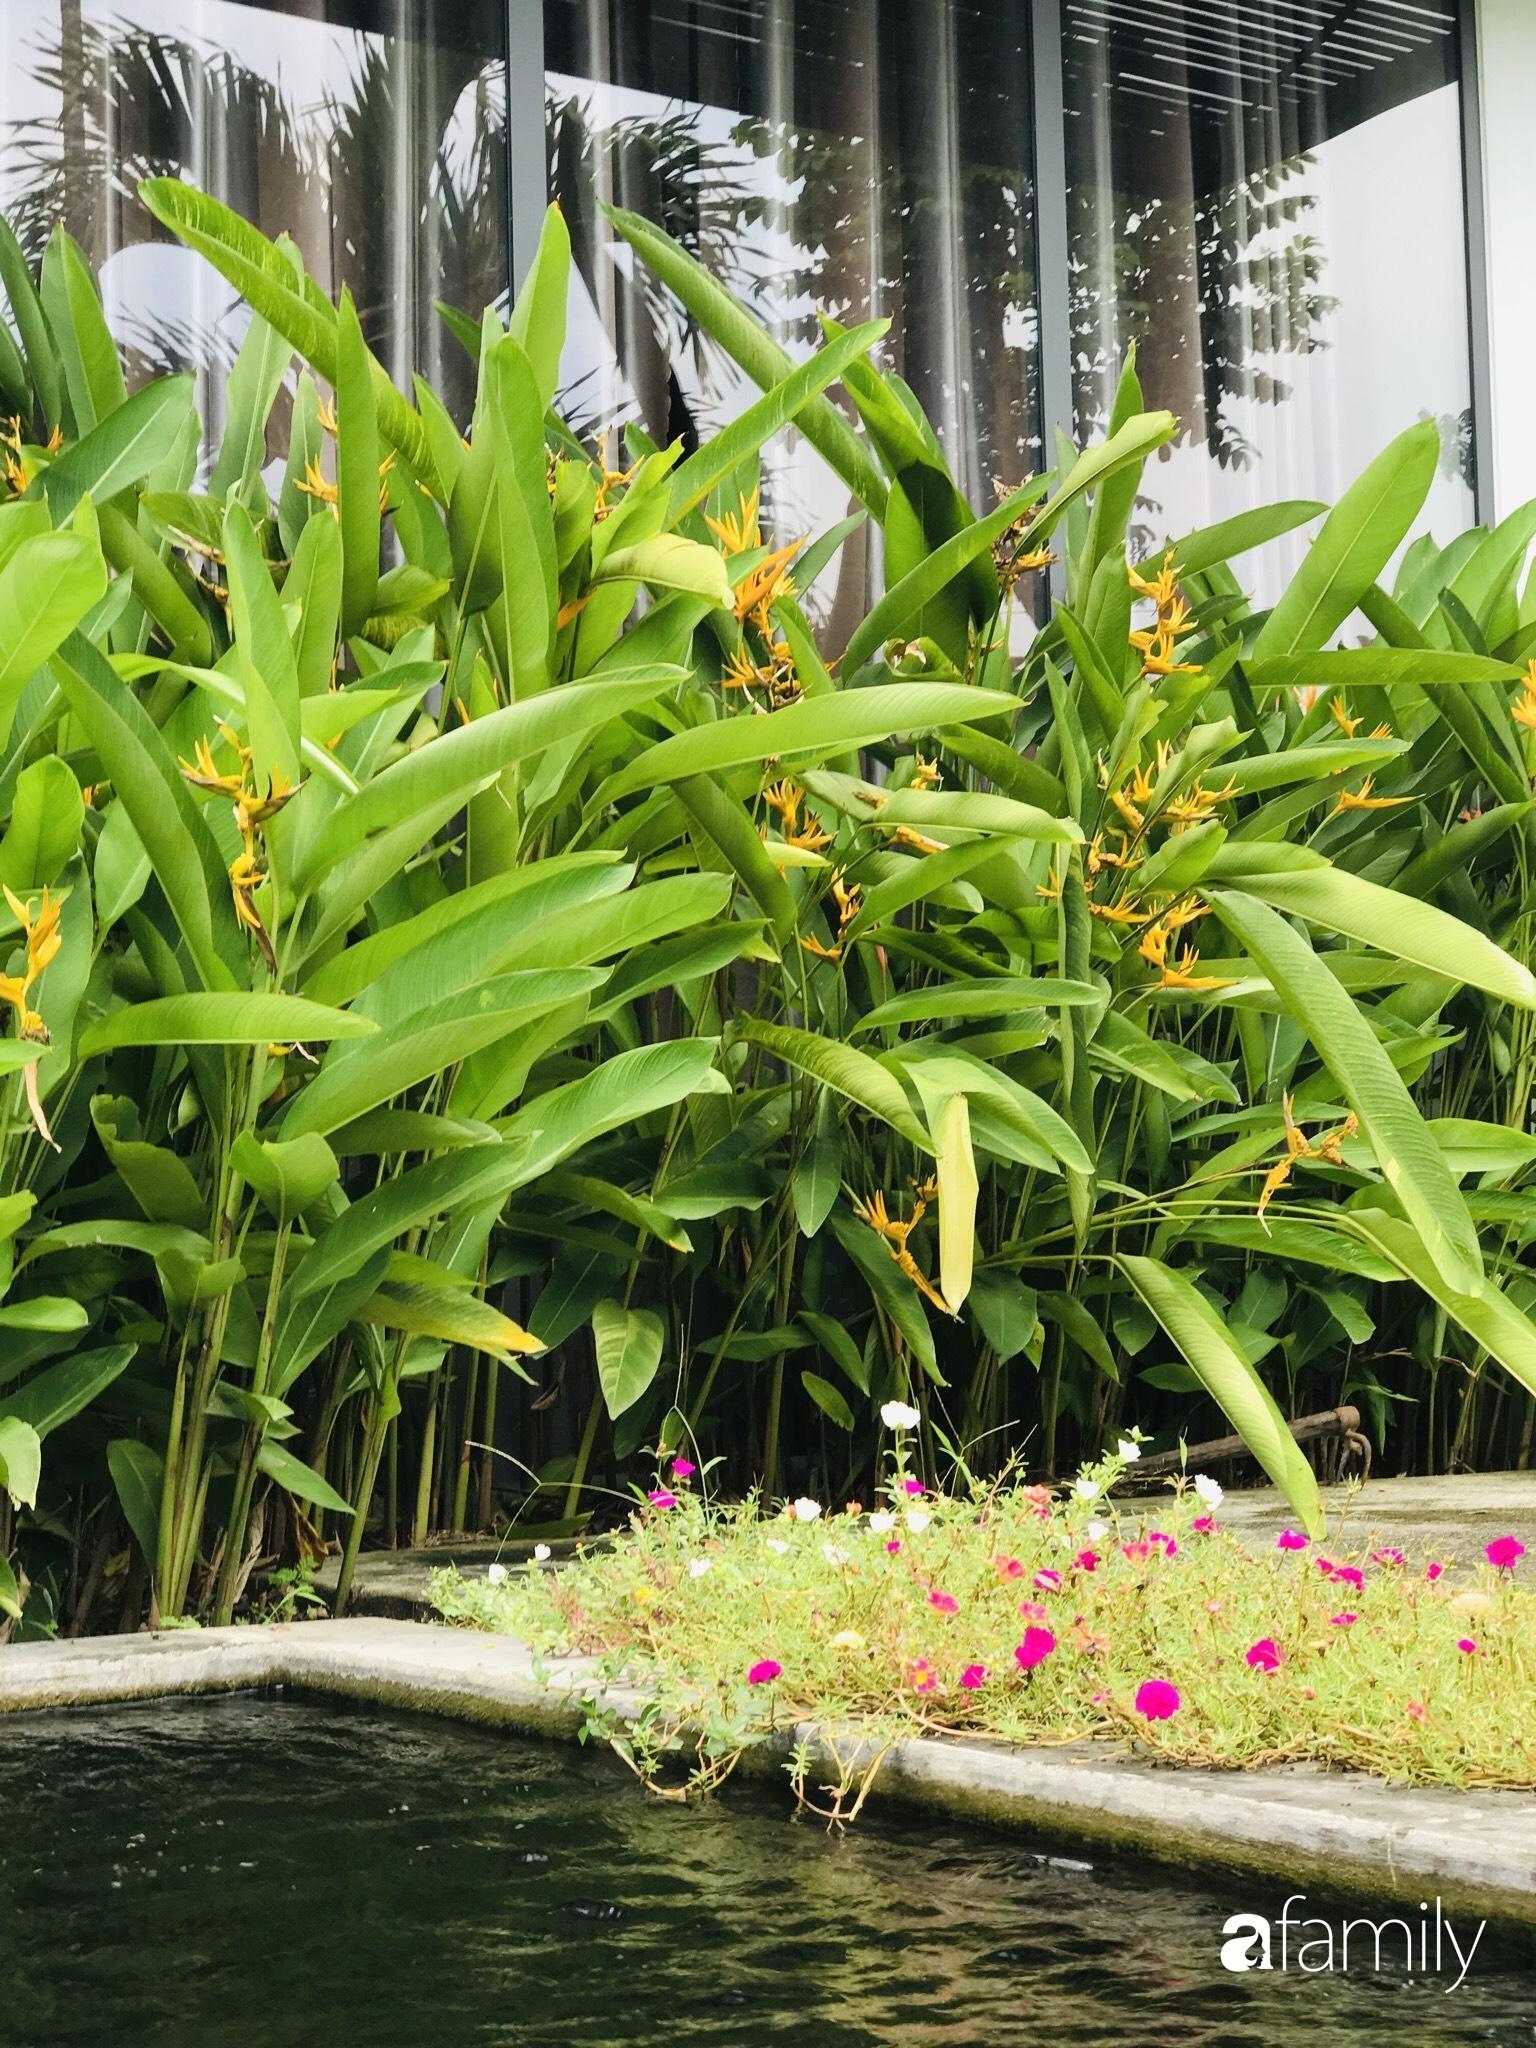 Chàng sinh viên kiến trúc tự decor vườn 200m² với cây xanh và ao cá cho gia đình 4 thế hệ ở ngoại ô Đà Nẵng - Ảnh 9.